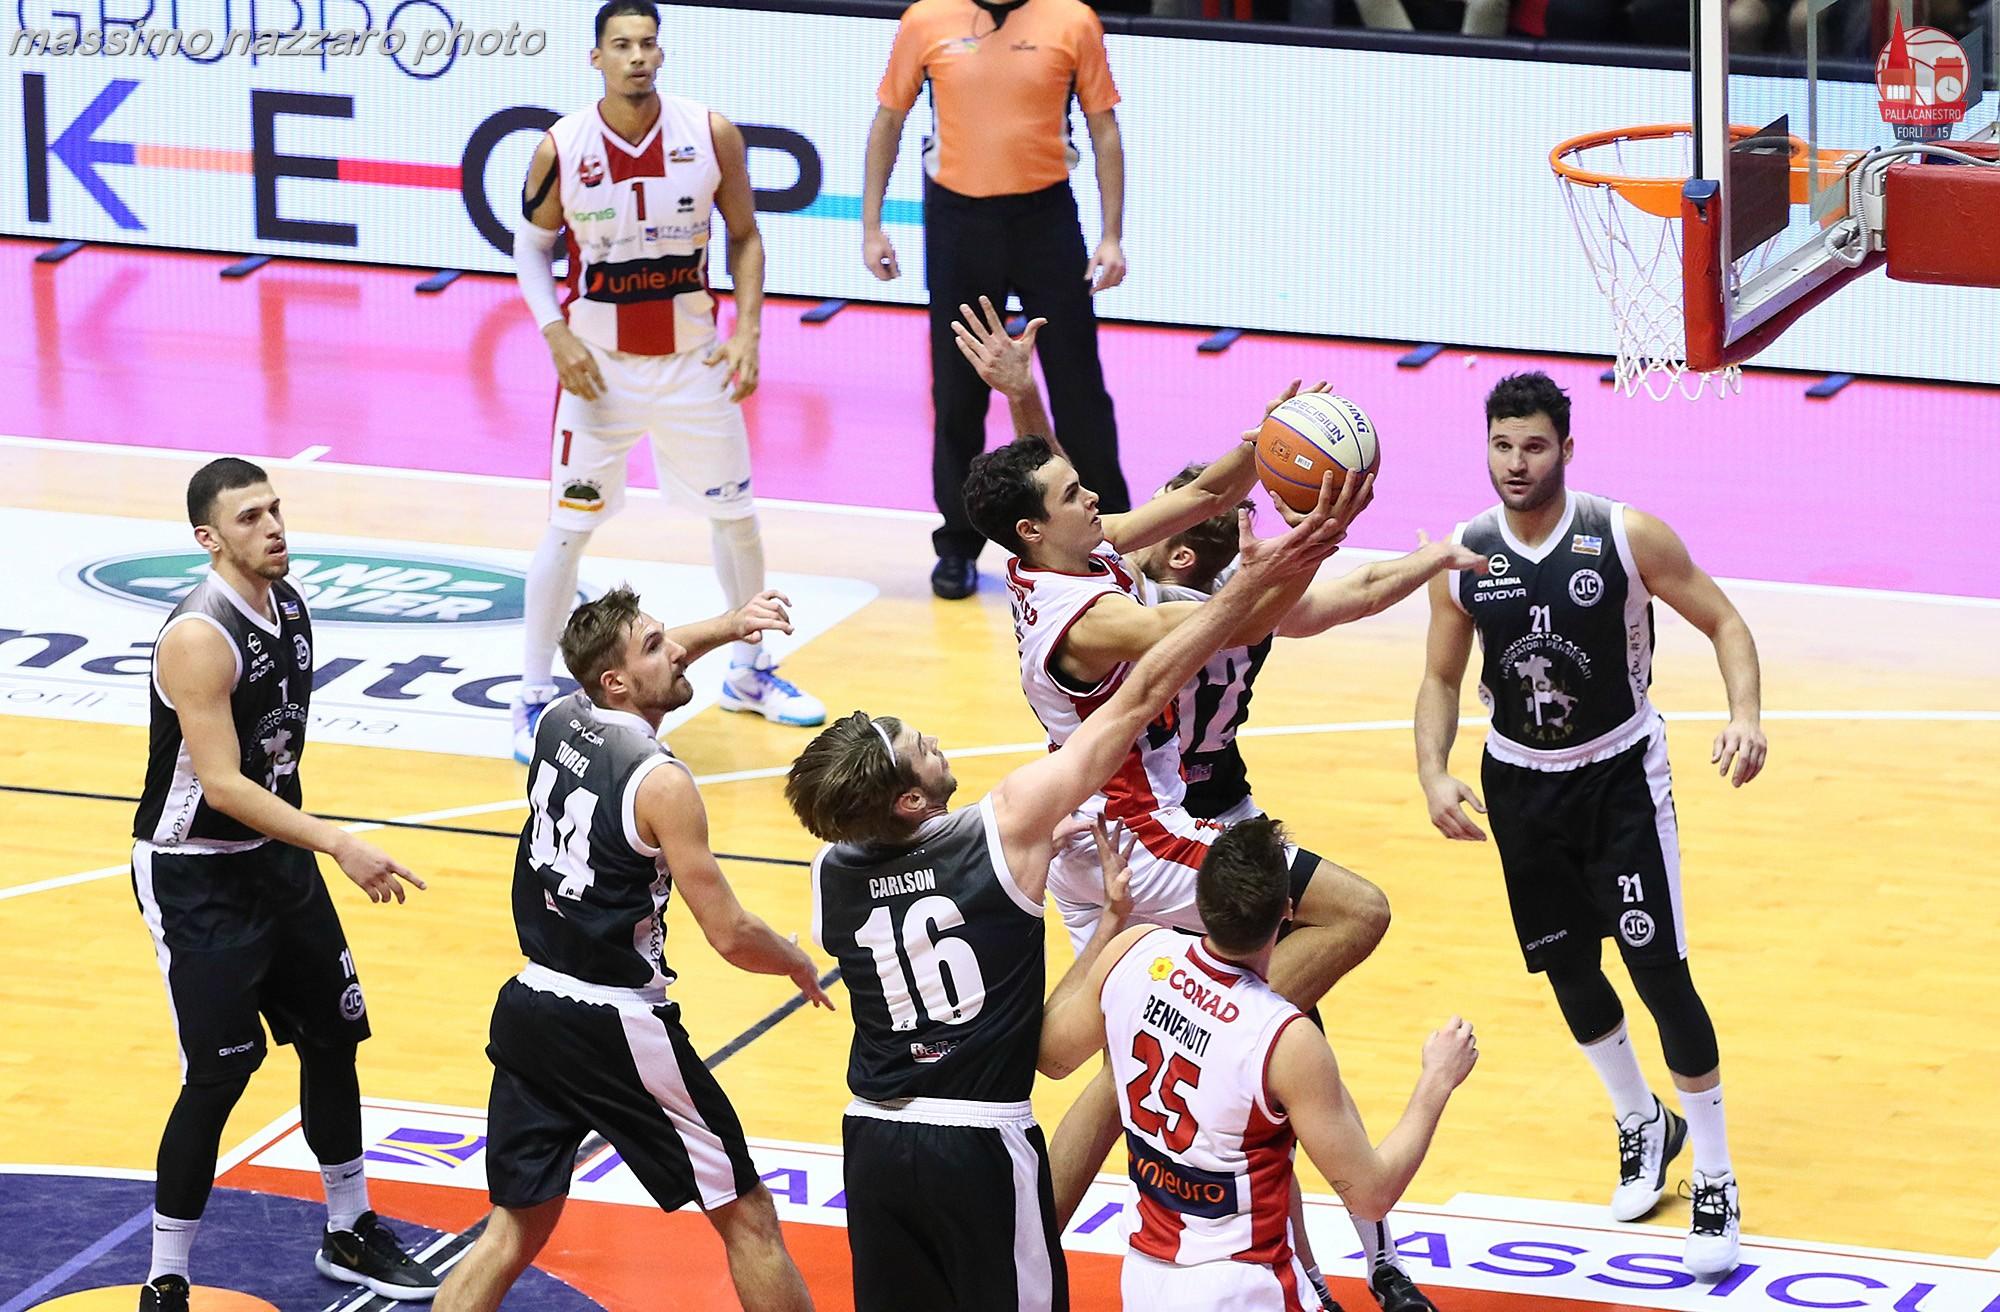 Basket-Unieuro-Forlì-Caserta